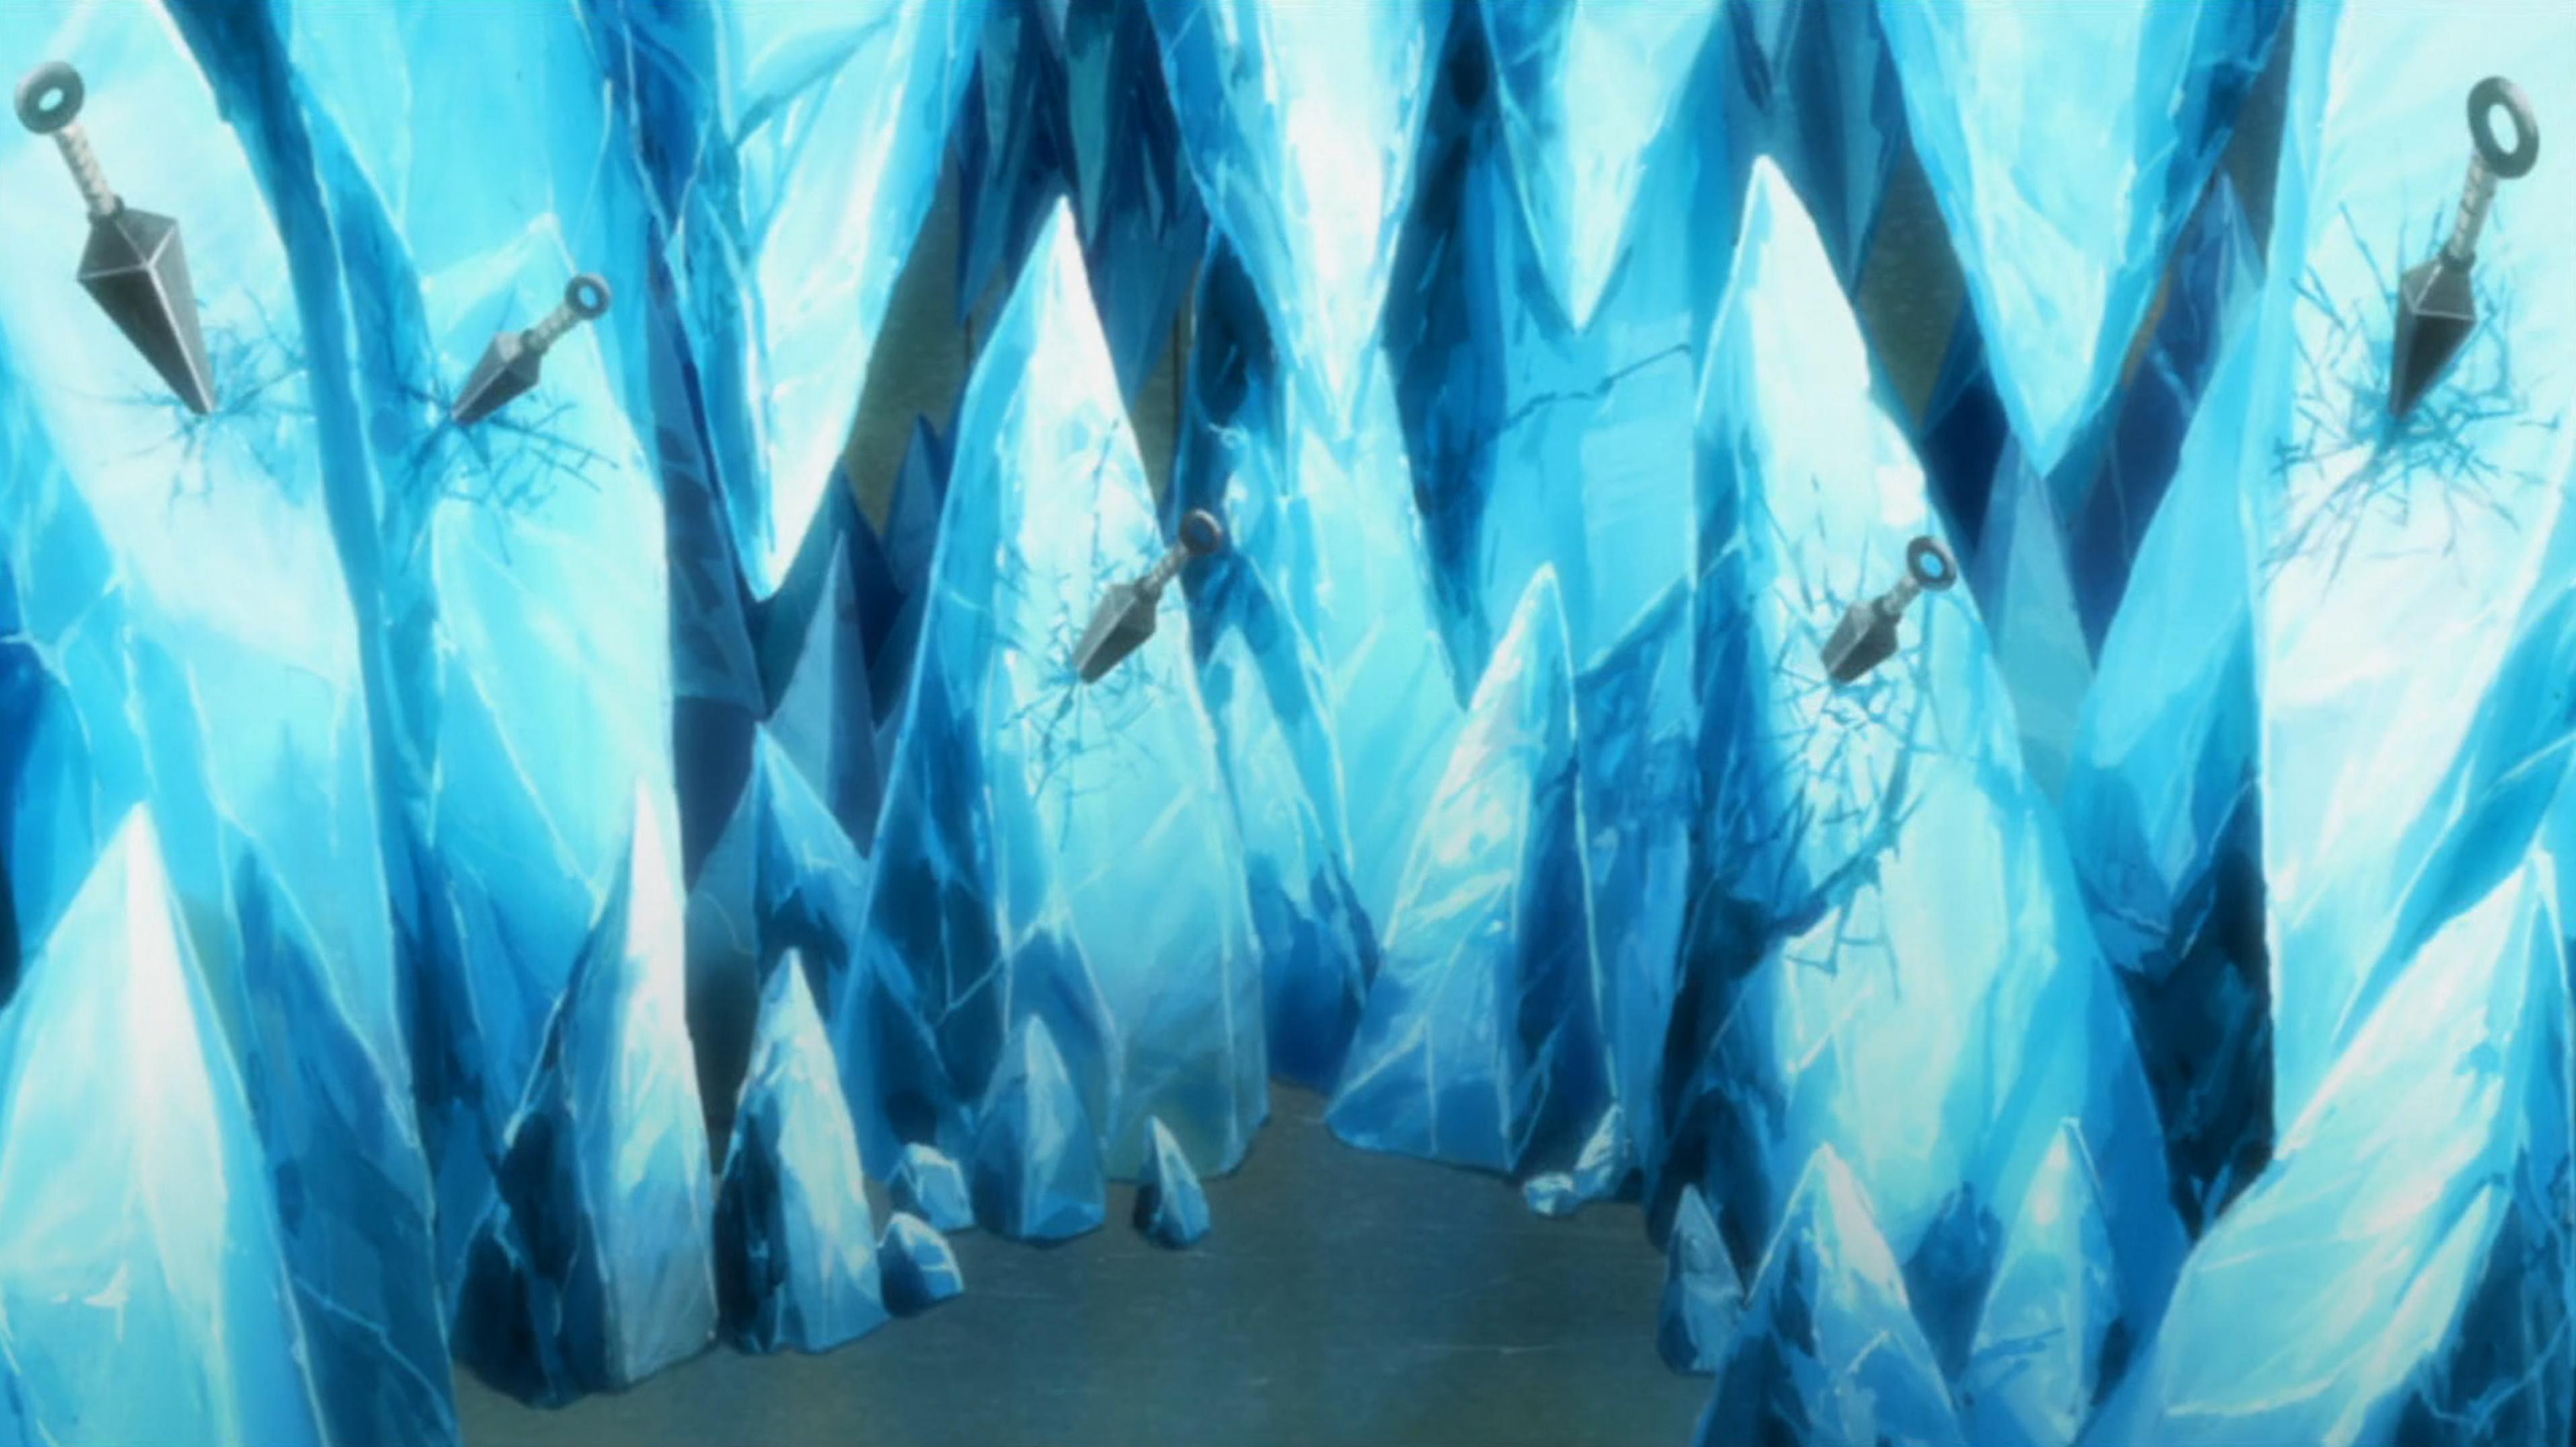 Liberação de Gelo: Parede de Cristal